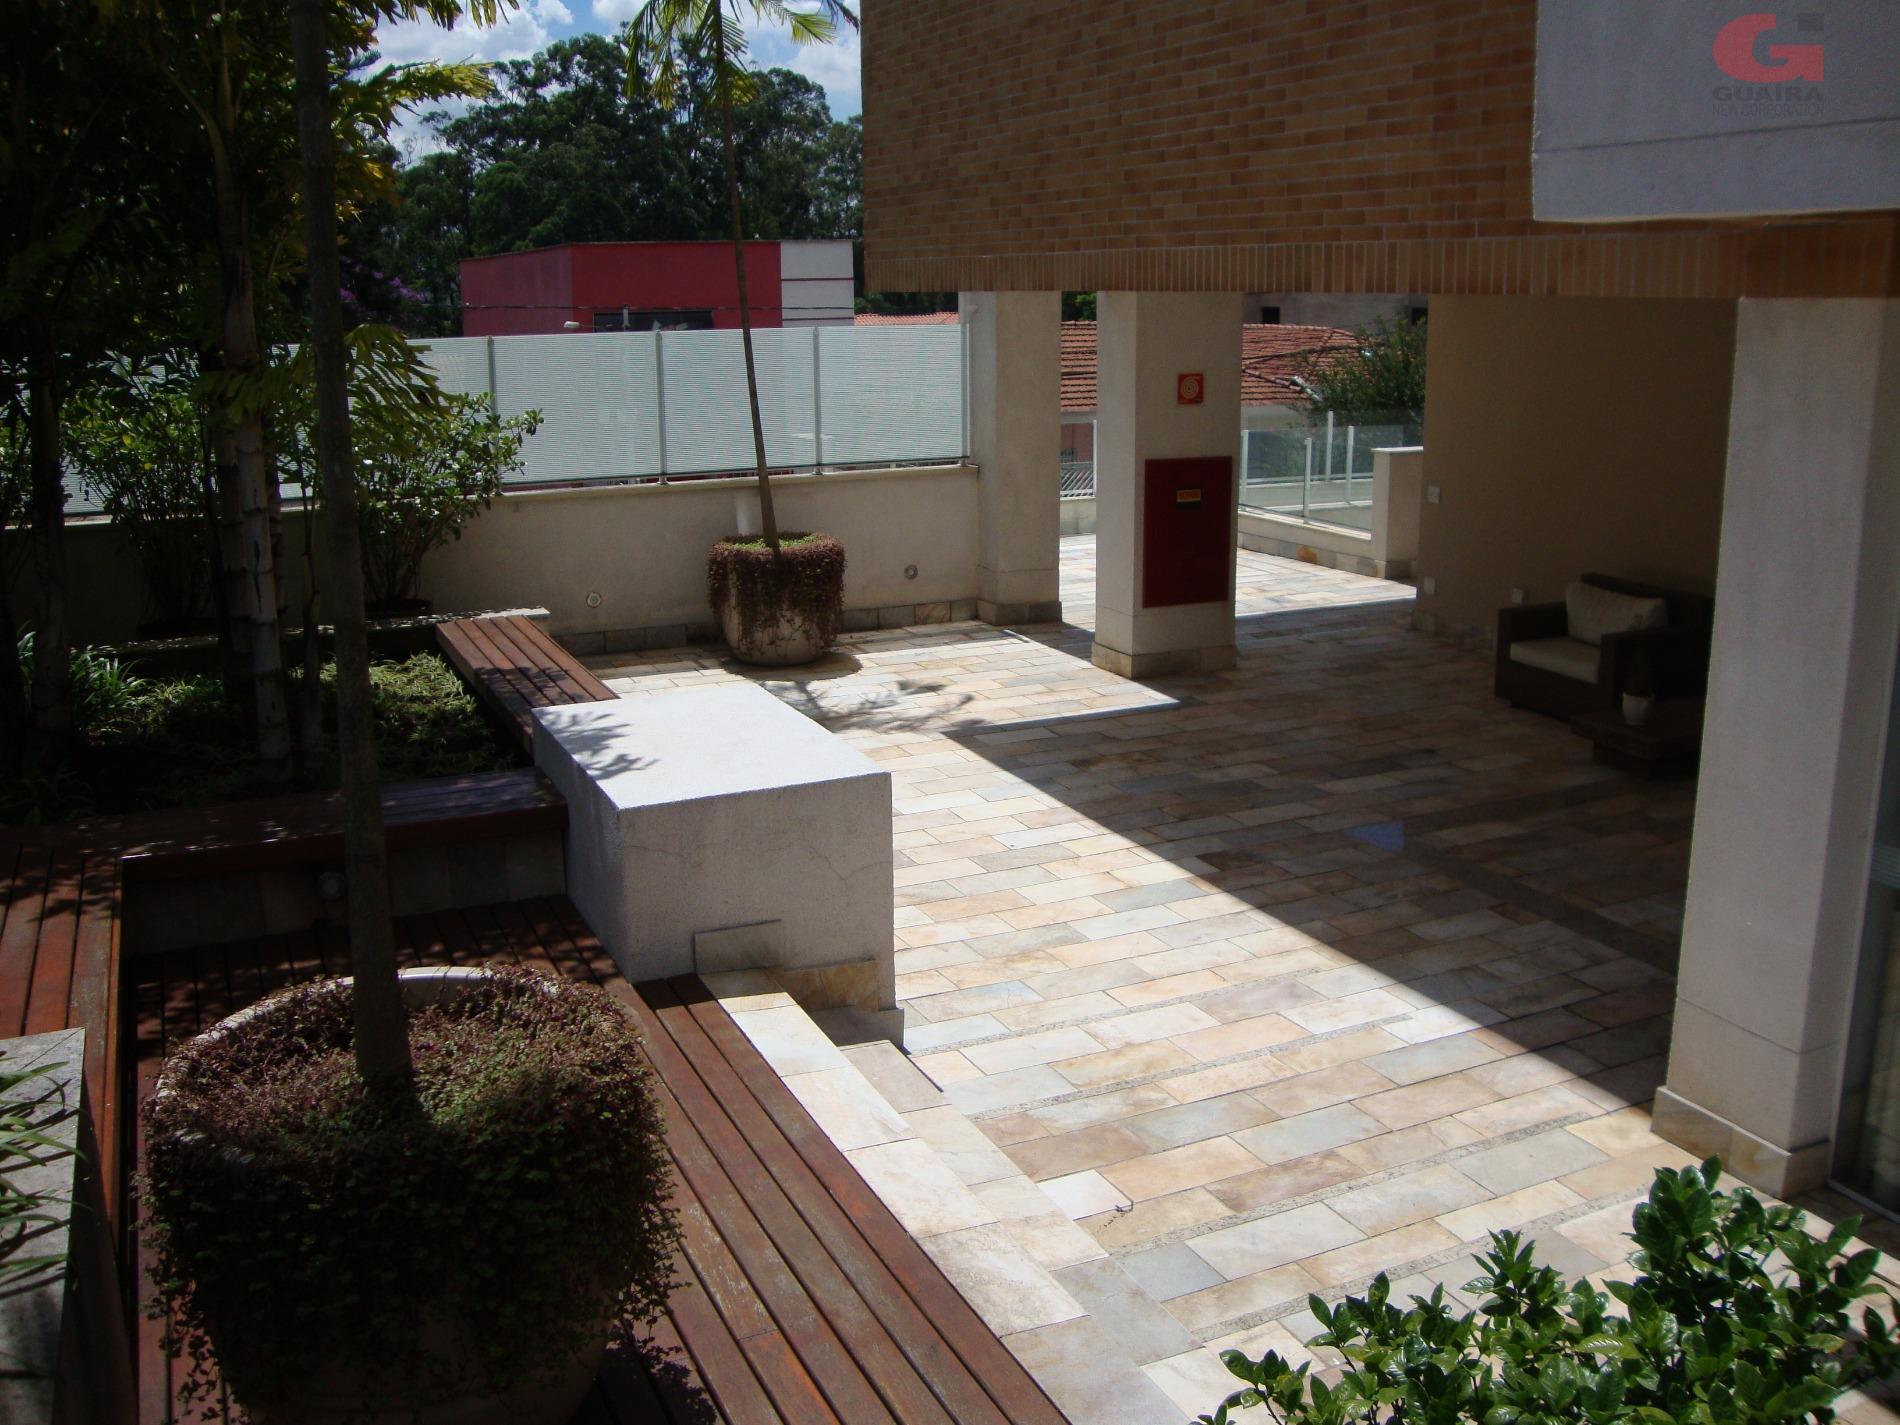 Apartamento de 5 dormitórios à venda em Bairro Jardim, Santo André - SP